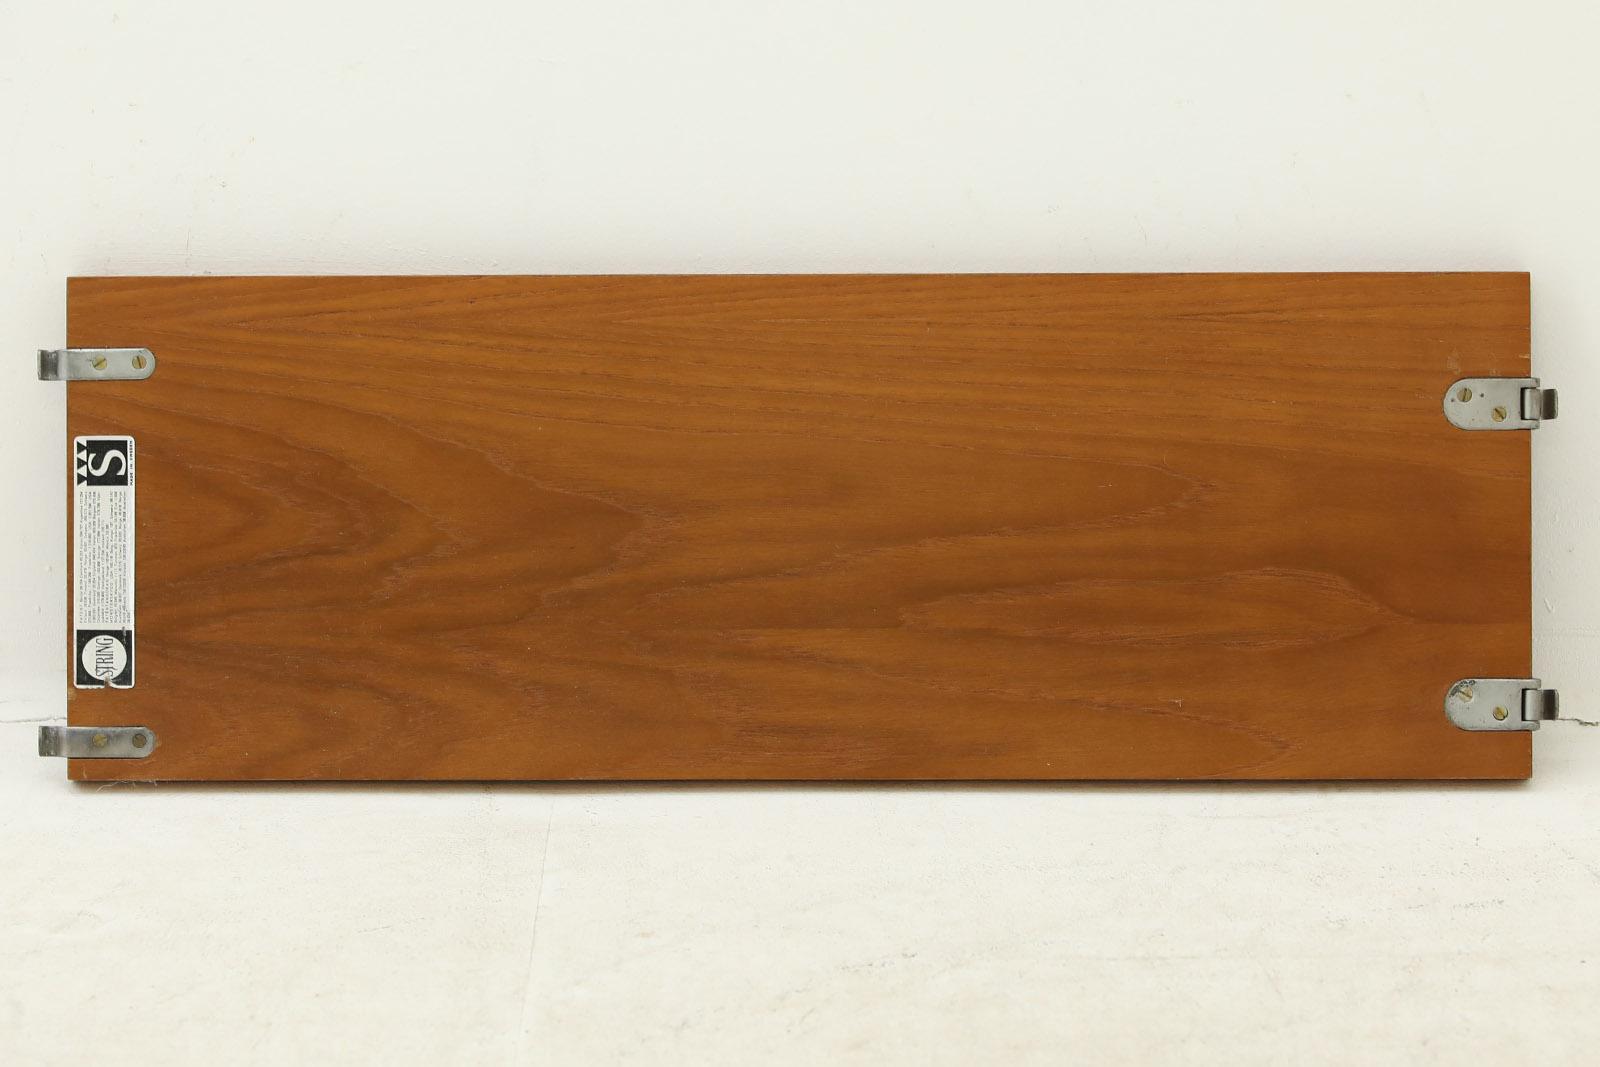 Nils Strinning(ニルス・ストリング) ストリングシェルフ チーク材 北欧家具ビンテージ/DK9825